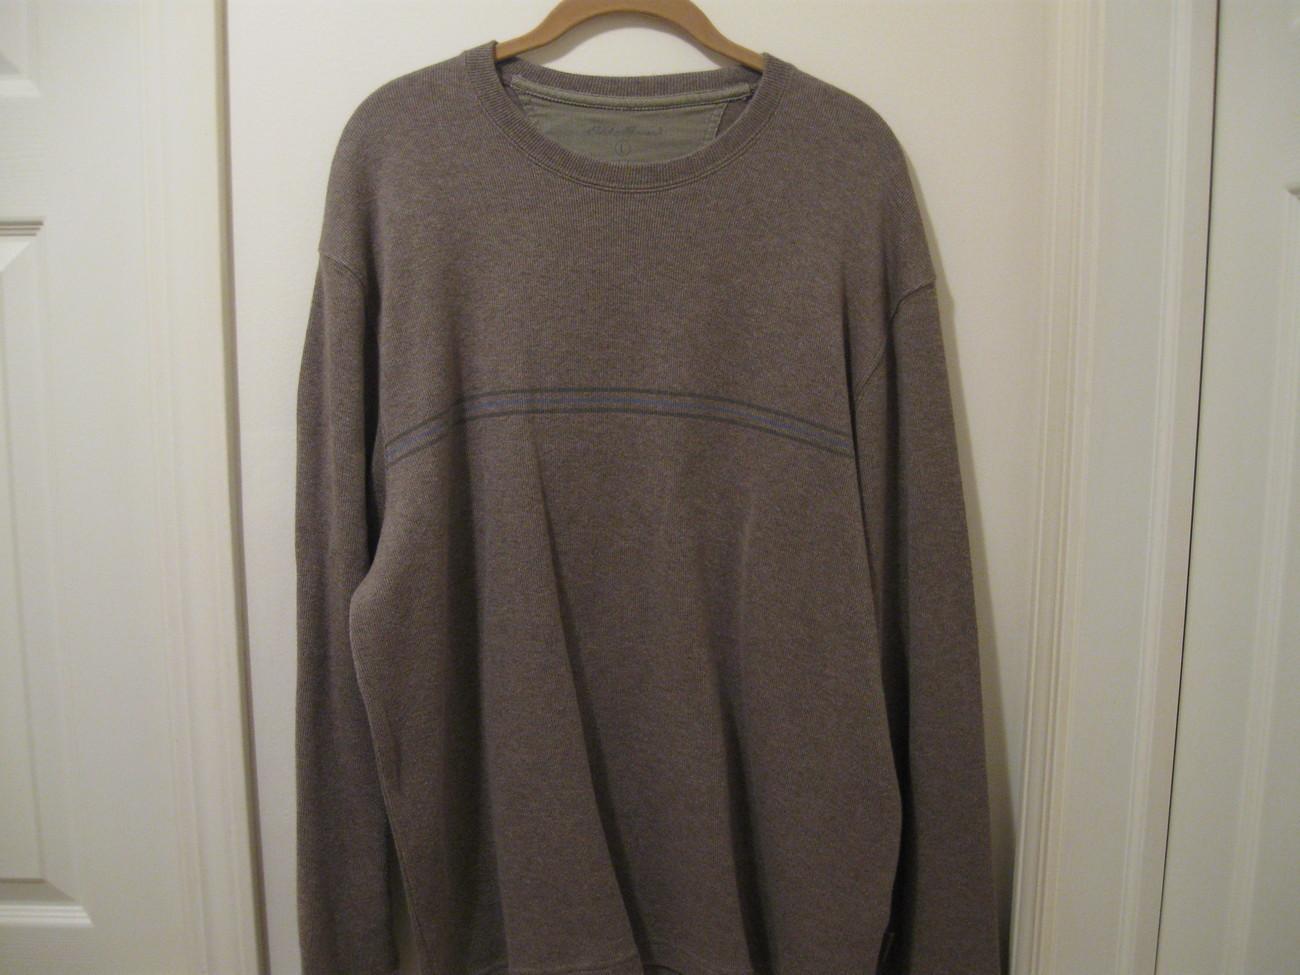 MANS EDDIE BAUER light weight sweater (L)